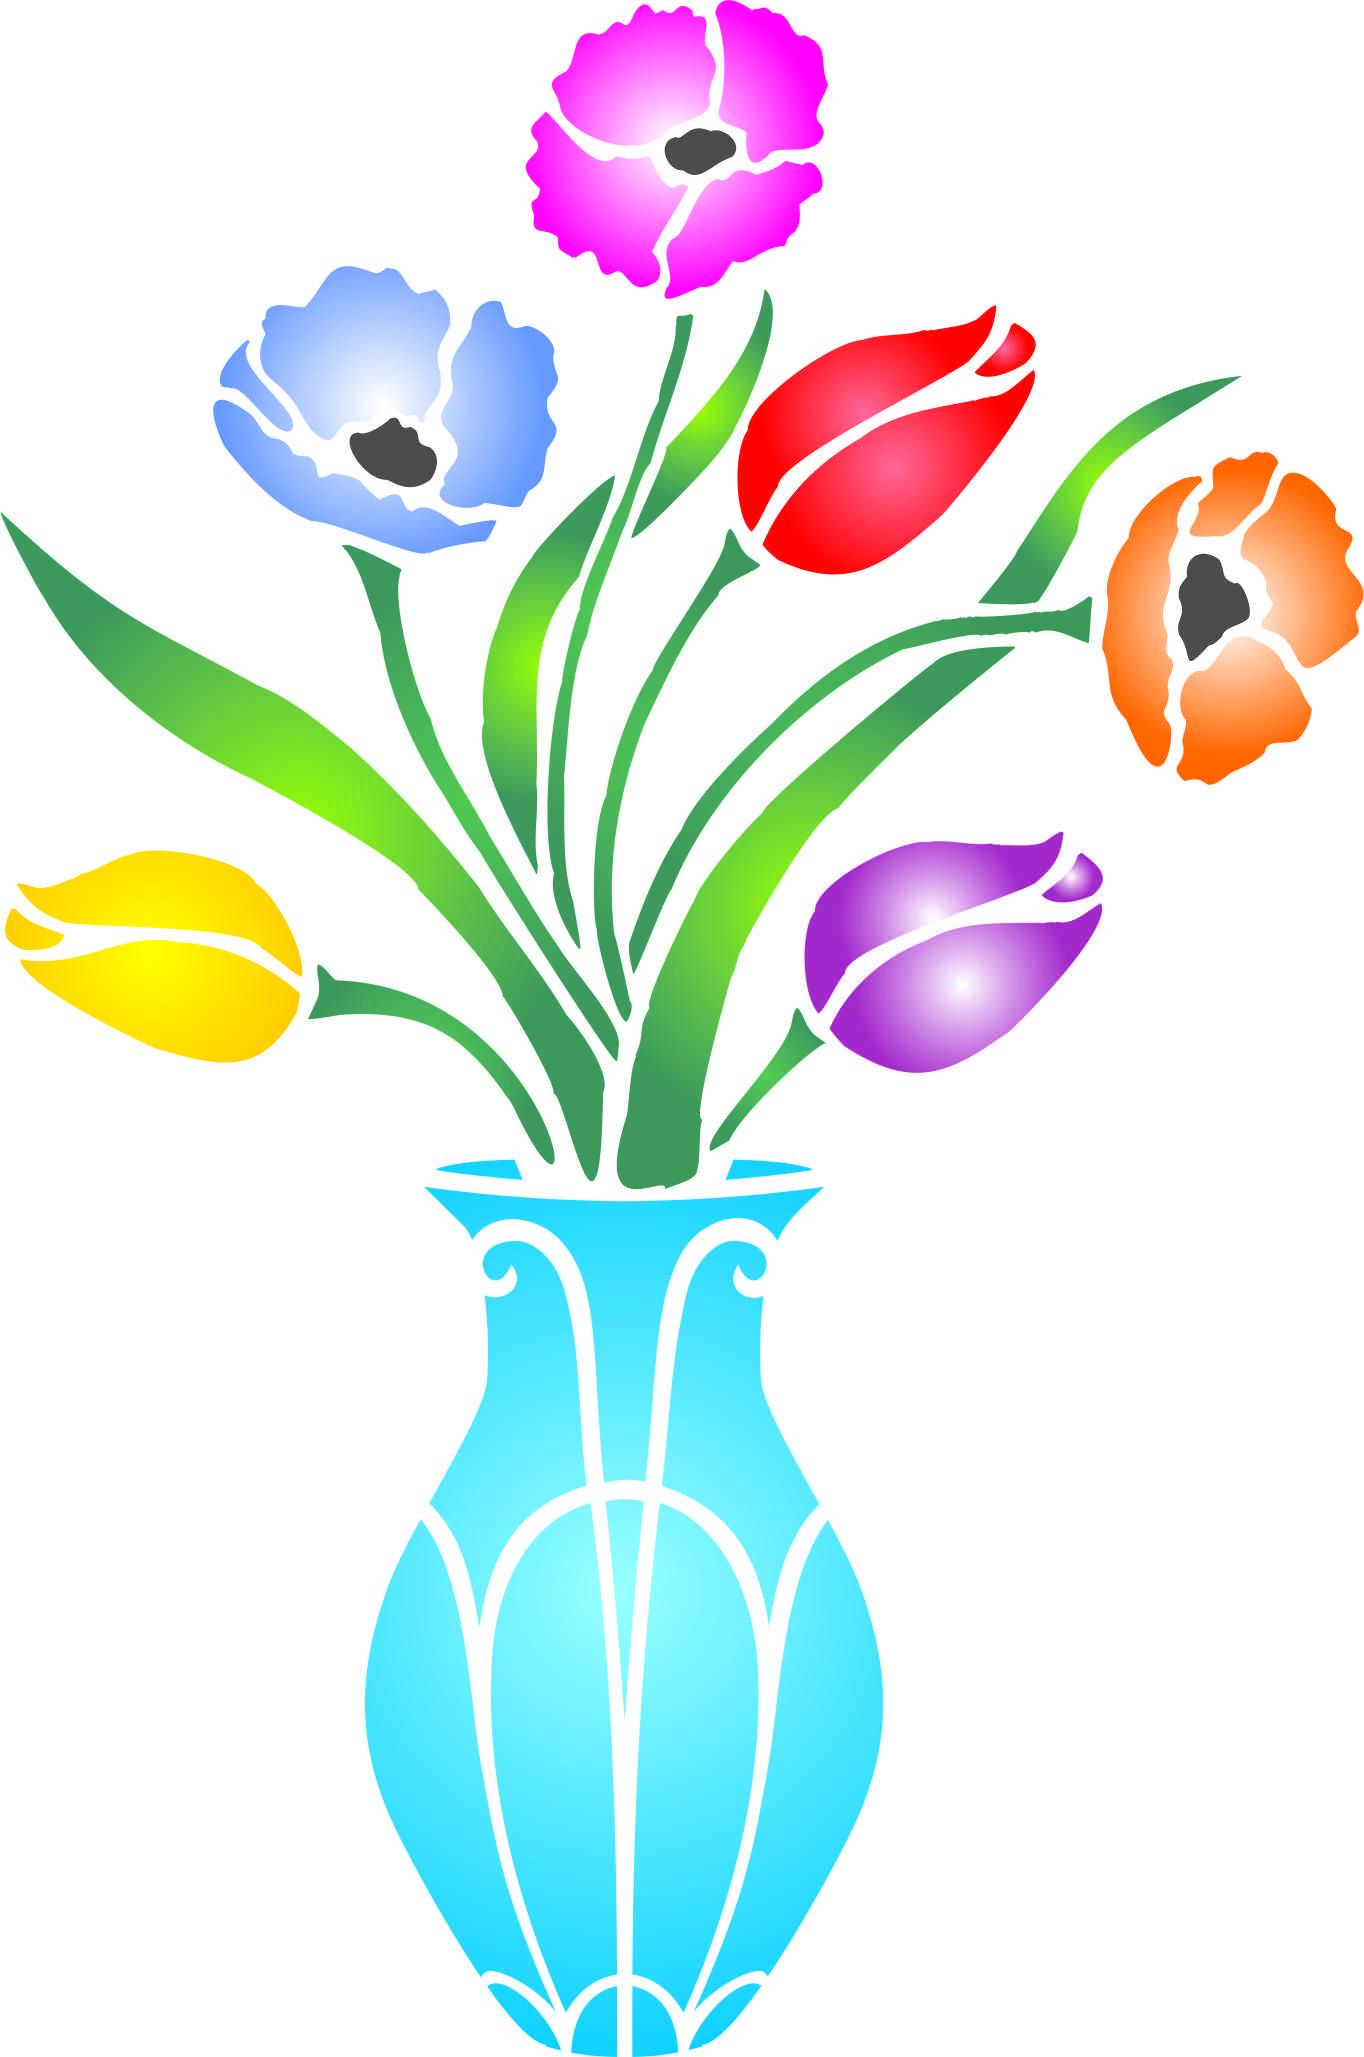 Flower bouquet vase stencil httpamazondpb01hjvhnk2m flower bouquet vase stencil httpamazondp amipublicfo Images